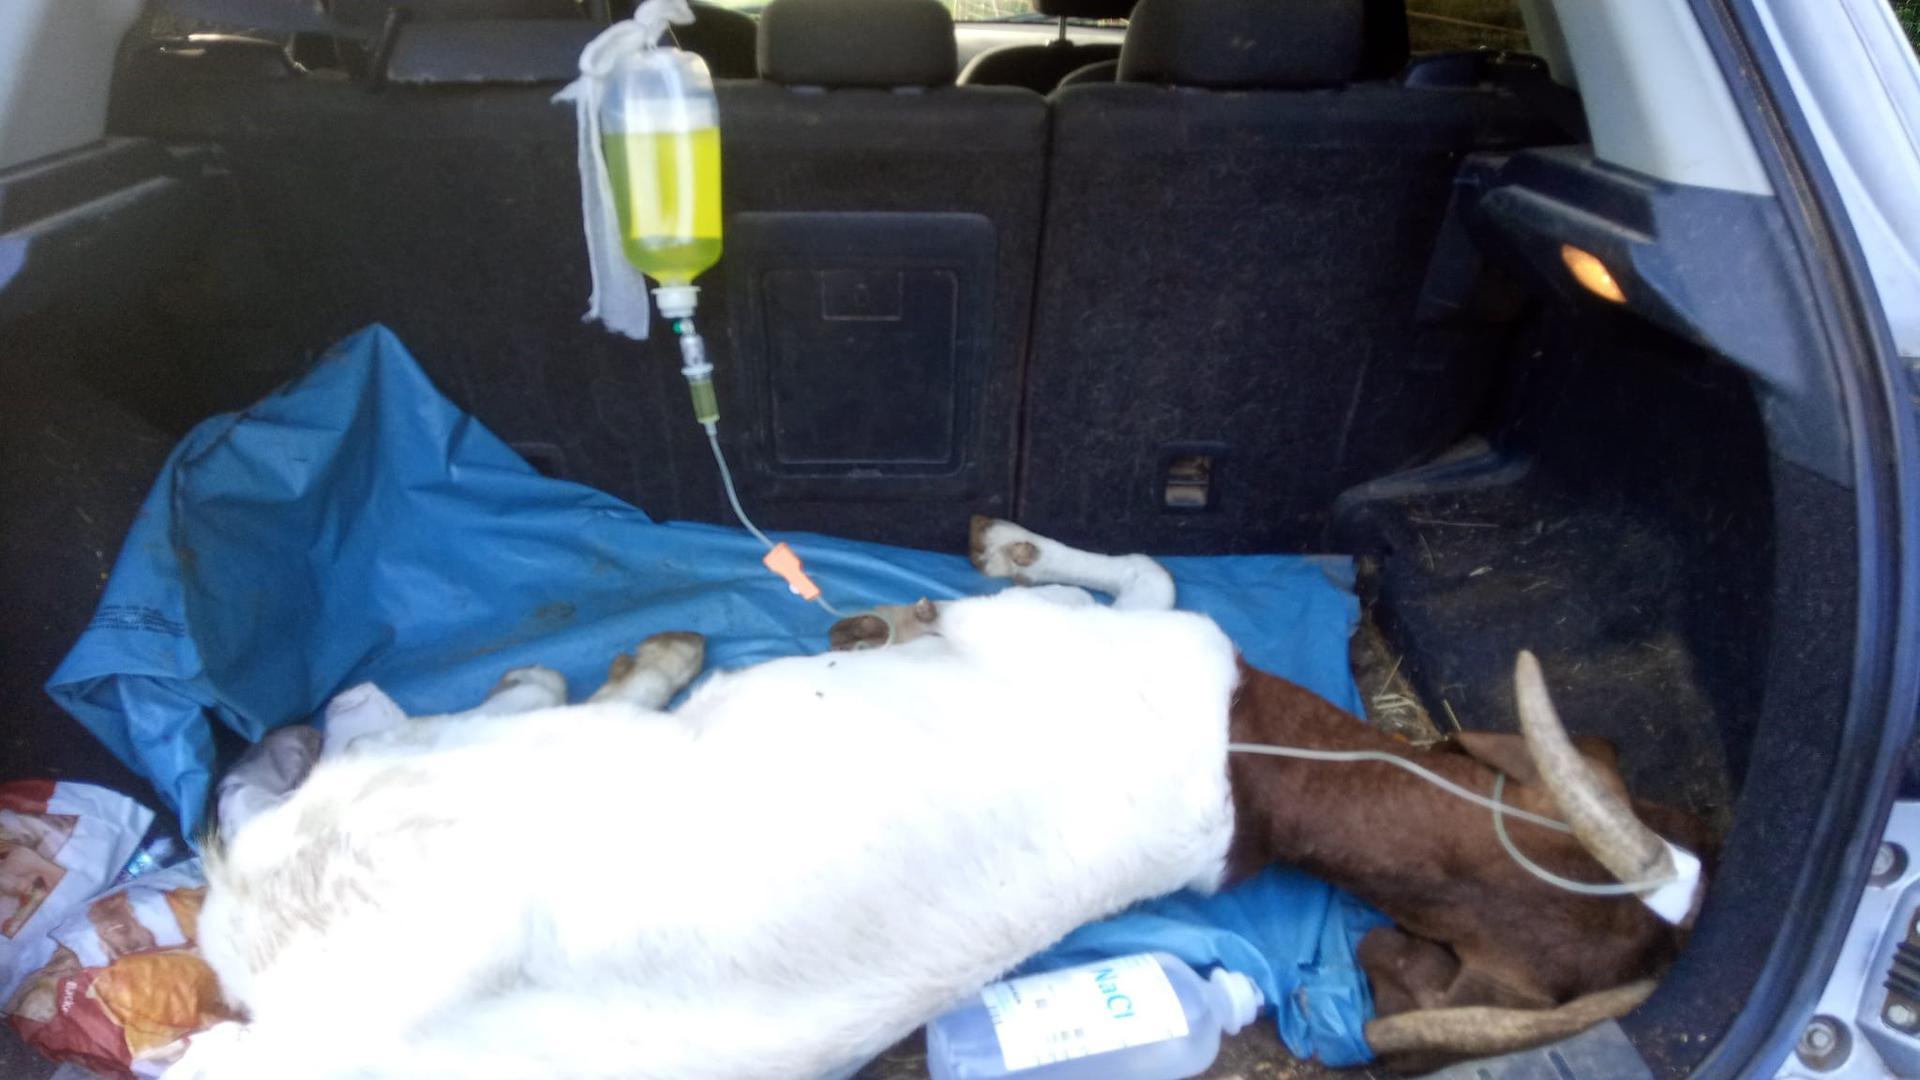 Ziege Gerda wurde am vergangenen Wochenende vom Tierarzt begutachtet, nachdem auch sie mutmaßlich etwas Falsches von Passanten gefüttert bekommen hat.